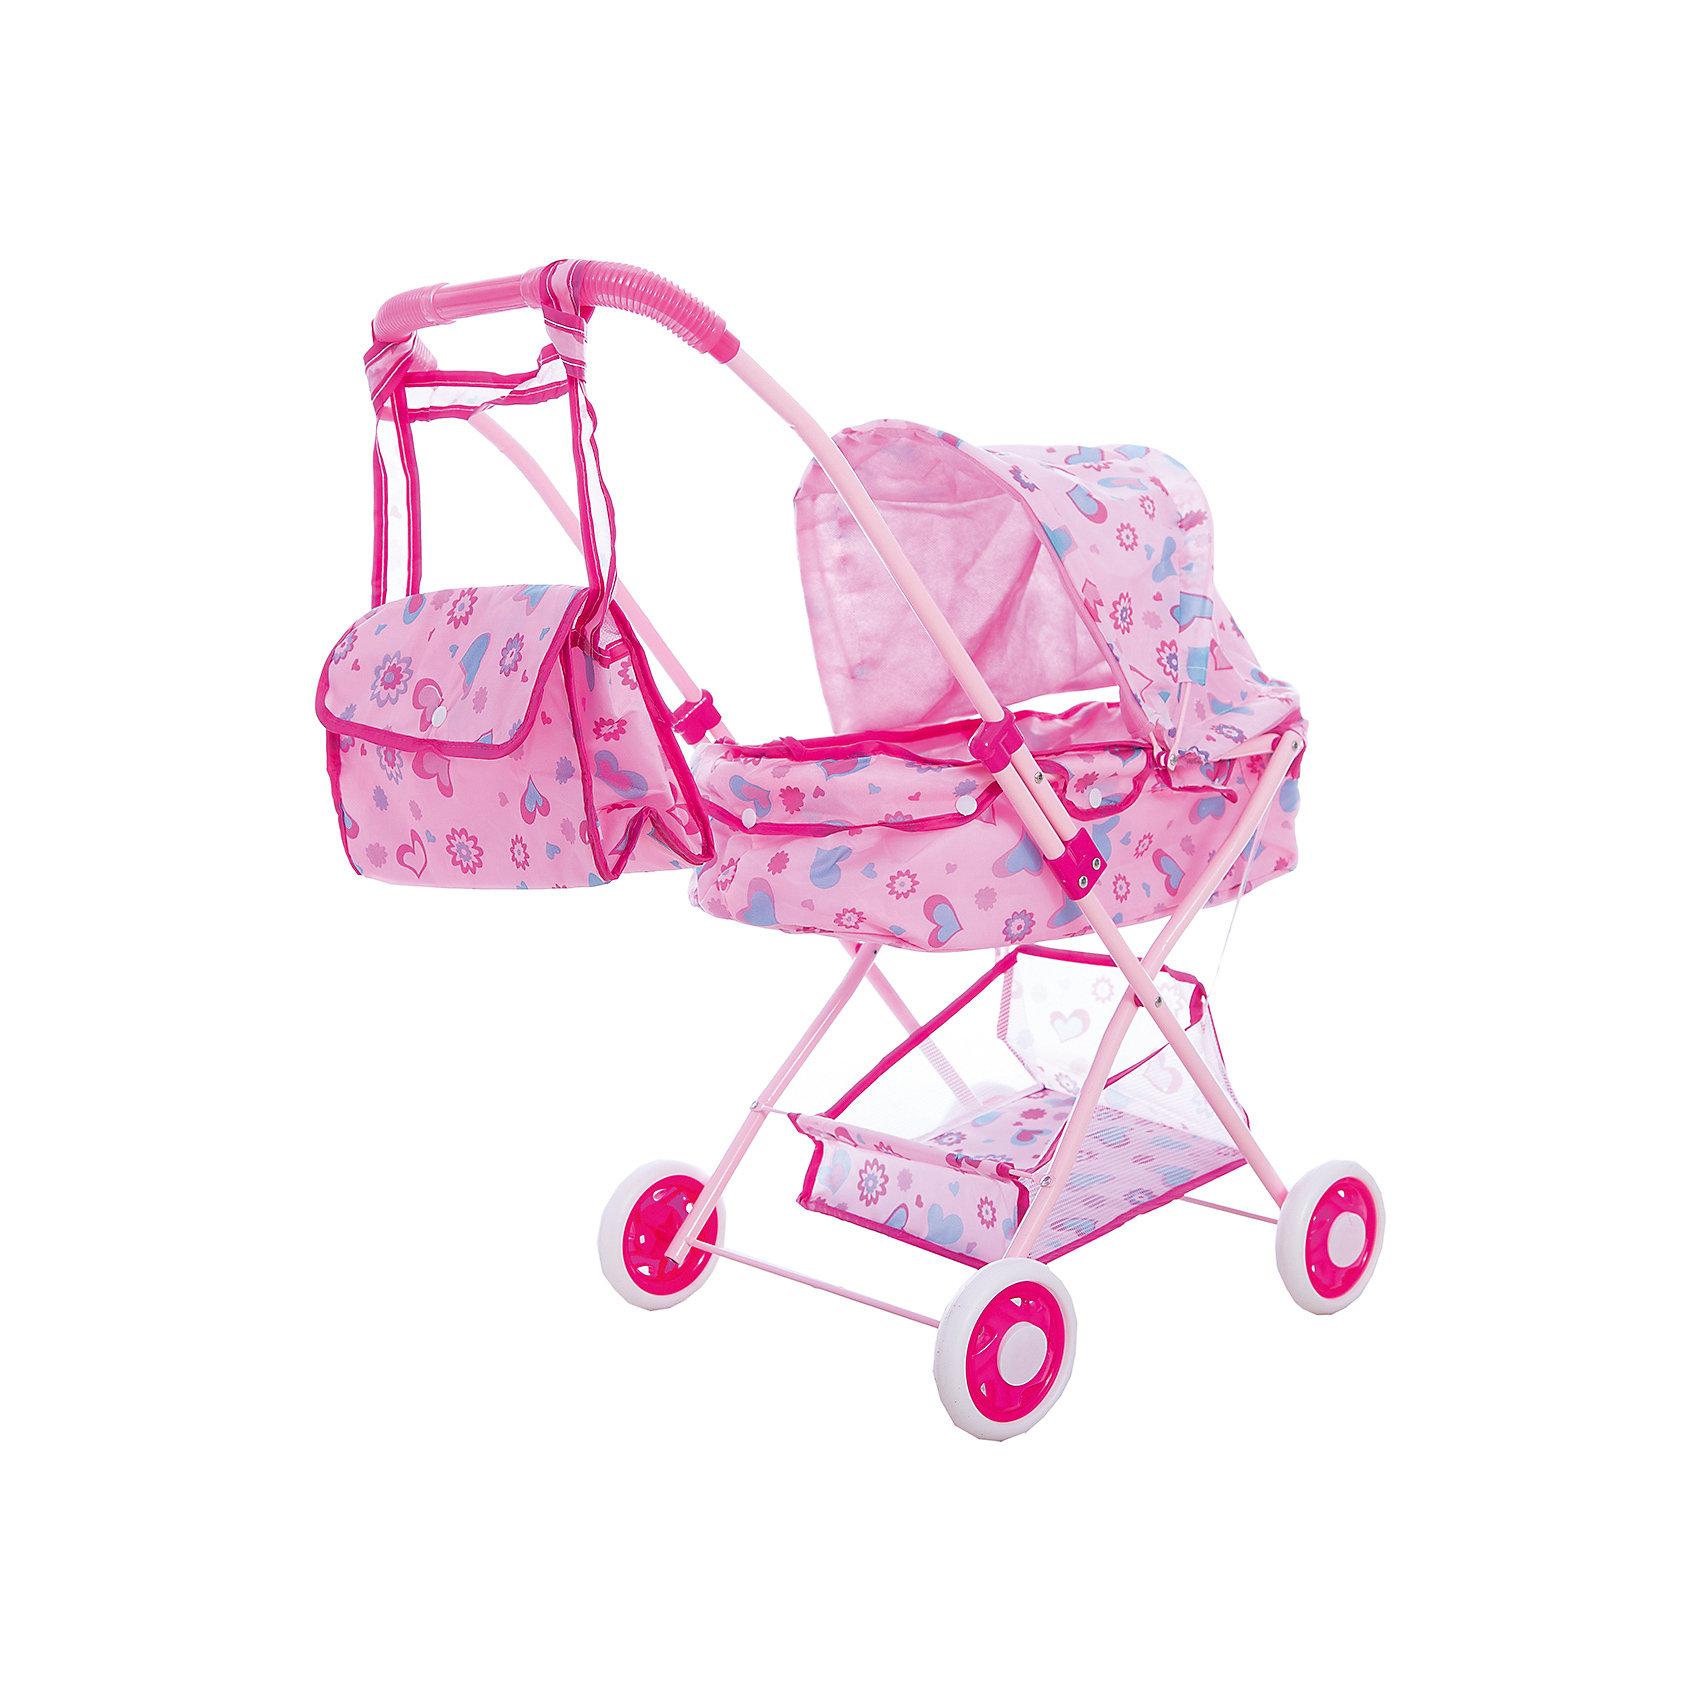 Коляска люлька с корзиной и сумкой, 36*56*58 см, Shantou GepaiКоляски и транспорт для кукол<br>Коляска люлька с корзиной и сумкой, 36*56*58 см, Shantou Gepai. Интересная 4-х колесная коляска со складным козырьком придет по вкусу куклам и их владелице. При желании коляска складывается для функционального  хранения. В составе каркаса коляски использован алюминий, что позволяет ребенку легко ее передвигать. Обширный козырек убережет пупсов от солнышка и небольшого дождика и, в дополнение, добавляет коляске реалистичности. Яркие цвета рисунков на розовом фоне понравятся ребенку, а при необходимости обивка коляски снимается. У этой модели имеется удобная корзина для мелочей и сумочка, которая вешается на ручку коляски. Теперь прогулки и игры с любимыми куклами будут еще увлекательнее. Каждая девочка хочет иметь коляску для своих дочек и катать их, эта коляска будет отличным подарком.<br> <br>Дополнительная информация:<br><br>- Материал: пластик, текстиль, металл<br>- Размер коляски: 36 * 56 * 58 см.<br>- Высота ручки 58 см.<br>Коляску люльку с корзиной и сумкой, 36*56*58 см, Shantou Gepai можно купить в нашем интернет-магазине.<br><br>Подробнее:<br>• Для детей в возрасте: от 3 до 6 лет<br>• Номер товара: 4925527<br>Страна производитель: Китай<br><br>Ширина мм: 350<br>Глубина мм: 100<br>Высота мм: 730<br>Вес г: 2083<br>Возраст от месяцев: 36<br>Возраст до месяцев: 120<br>Пол: Женский<br>Возраст: Детский<br>SKU: 4925527